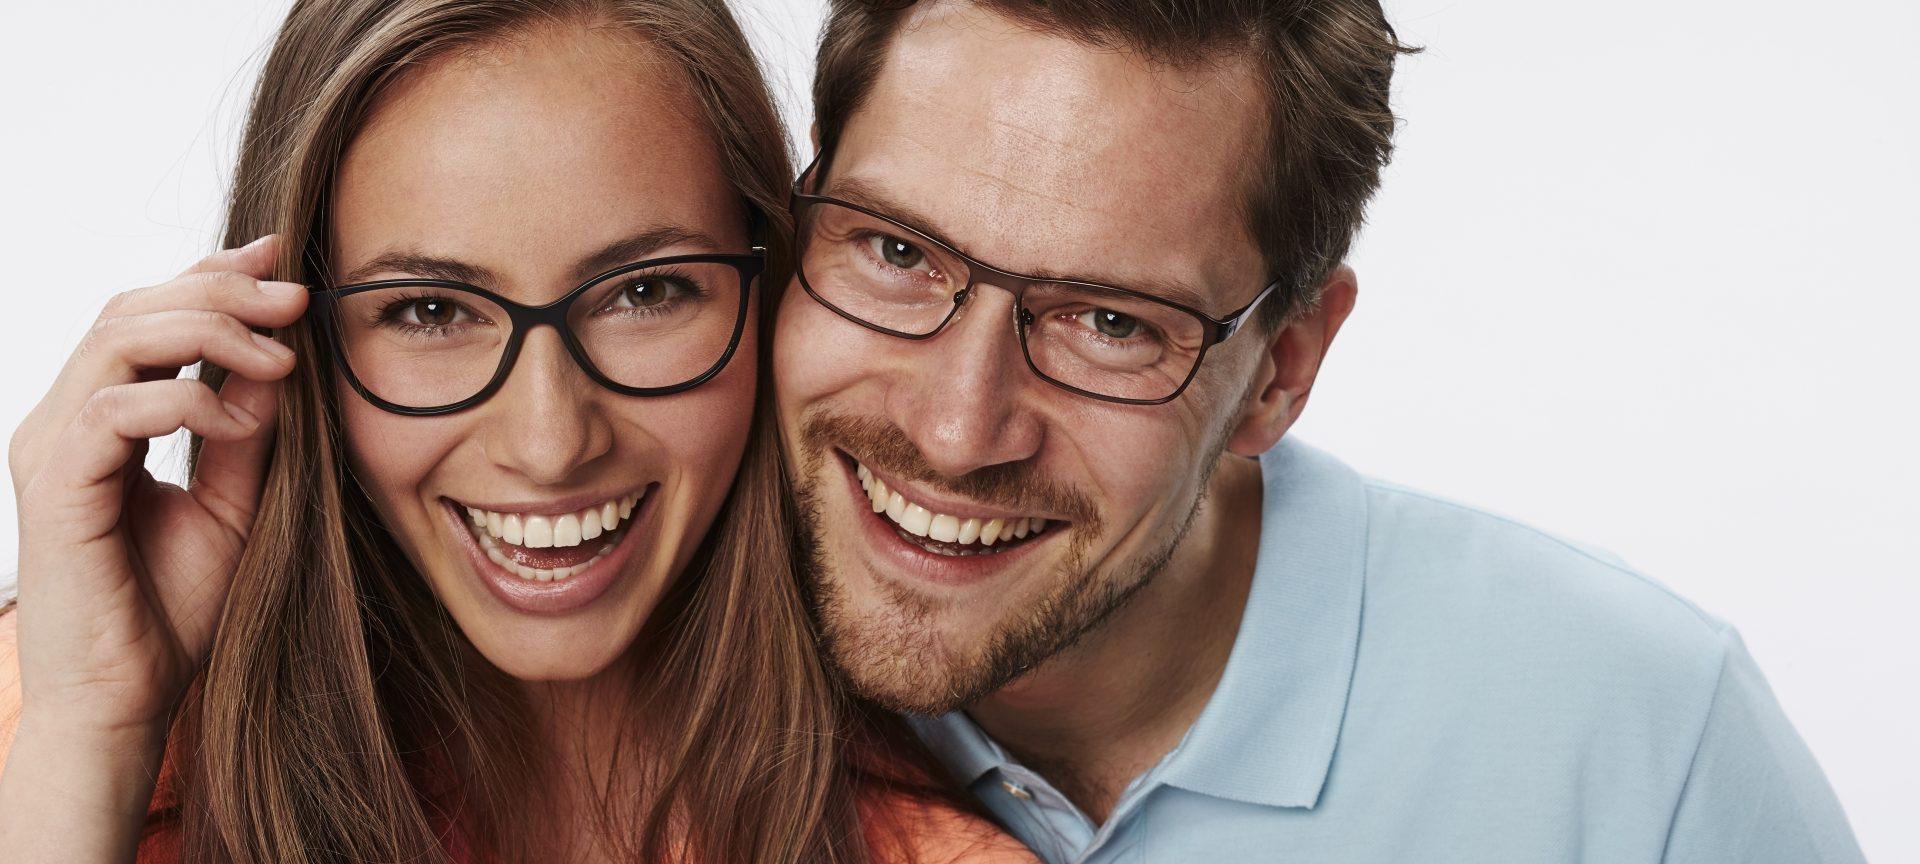 Ce ochelari ți se potrivesc? Un ghid al ramelor de ochelari potrivite pentru fiecare formă a feței